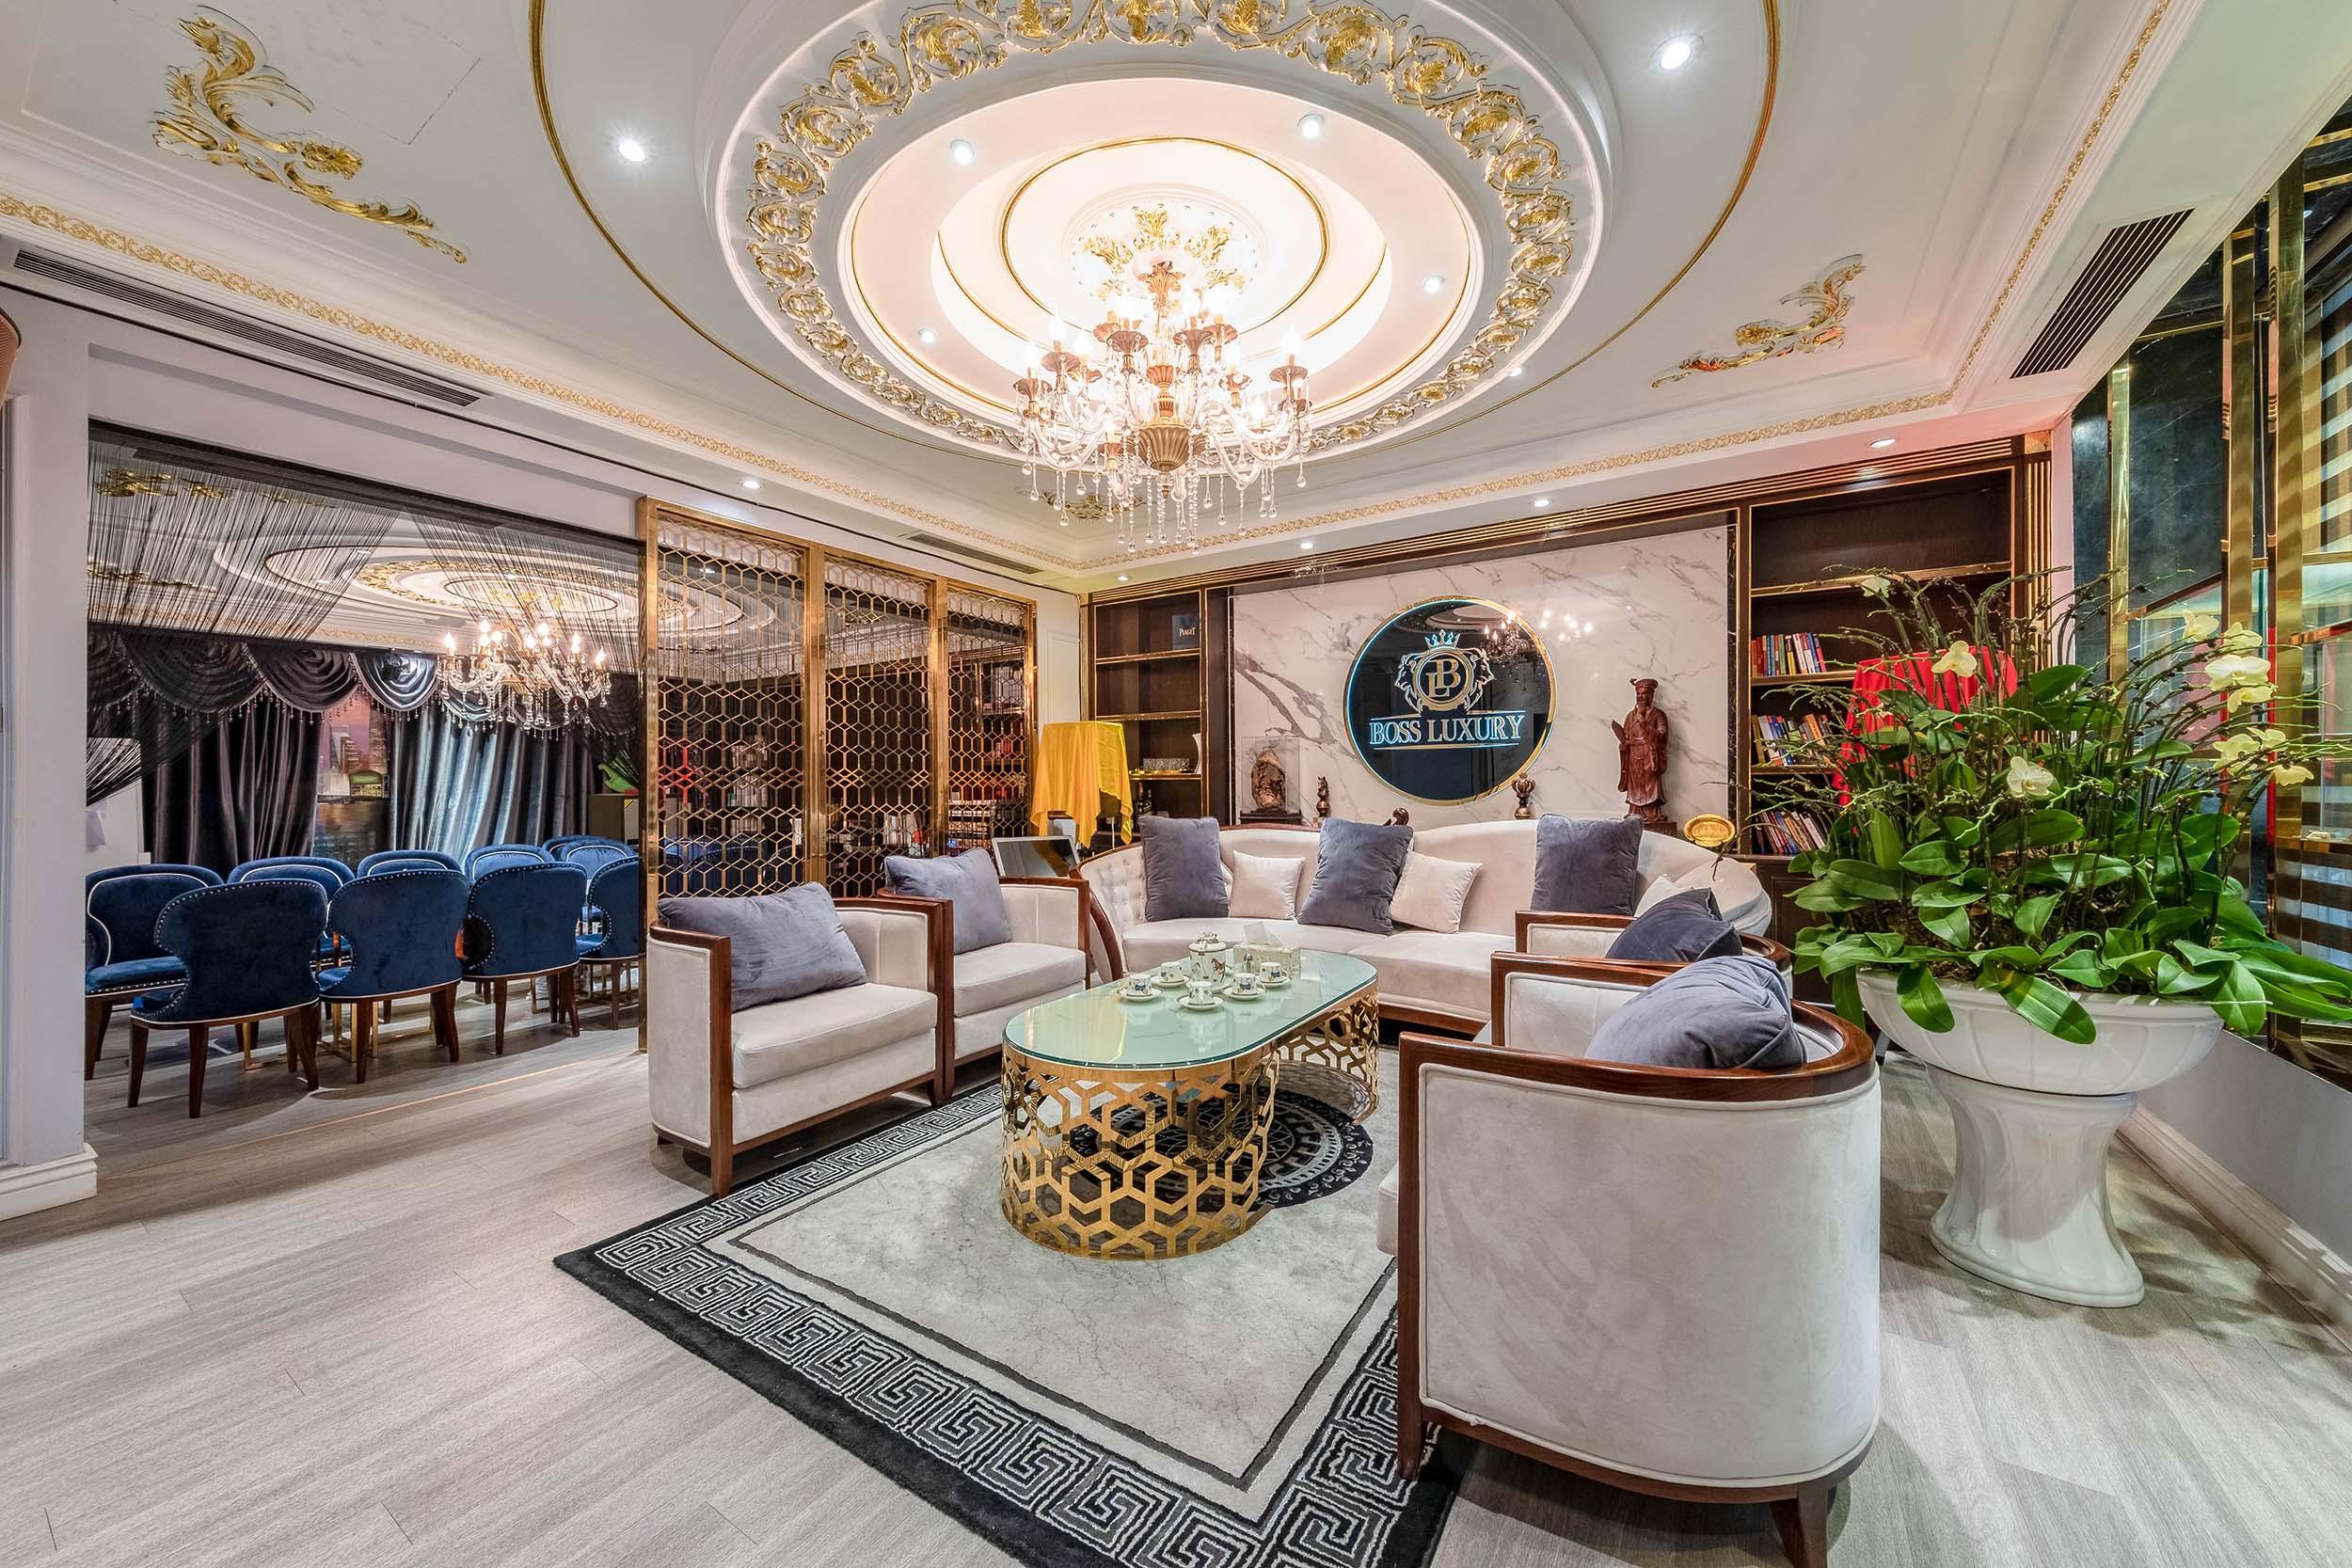 Boss Luxury có uy tín hay không? 2